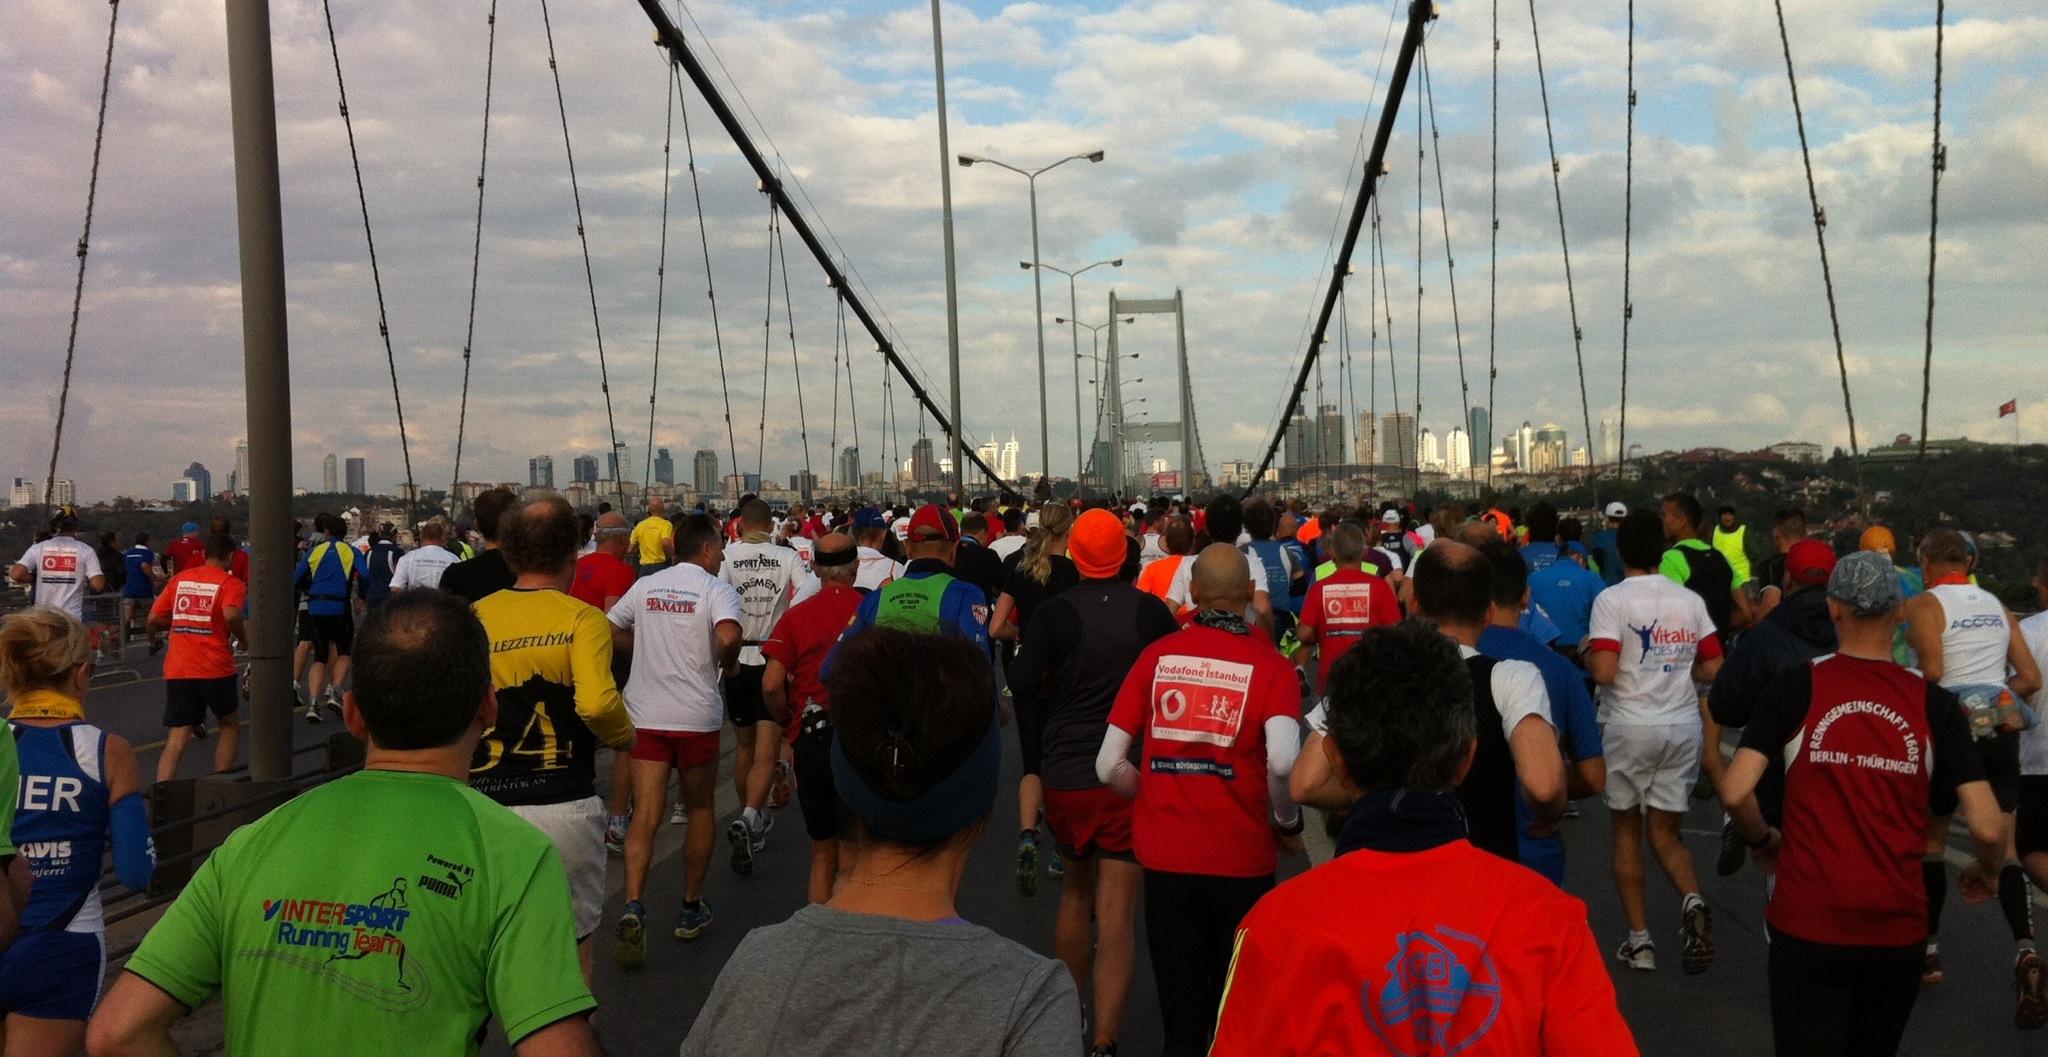 Avrasya Maratonunun galipleri belli oldu!